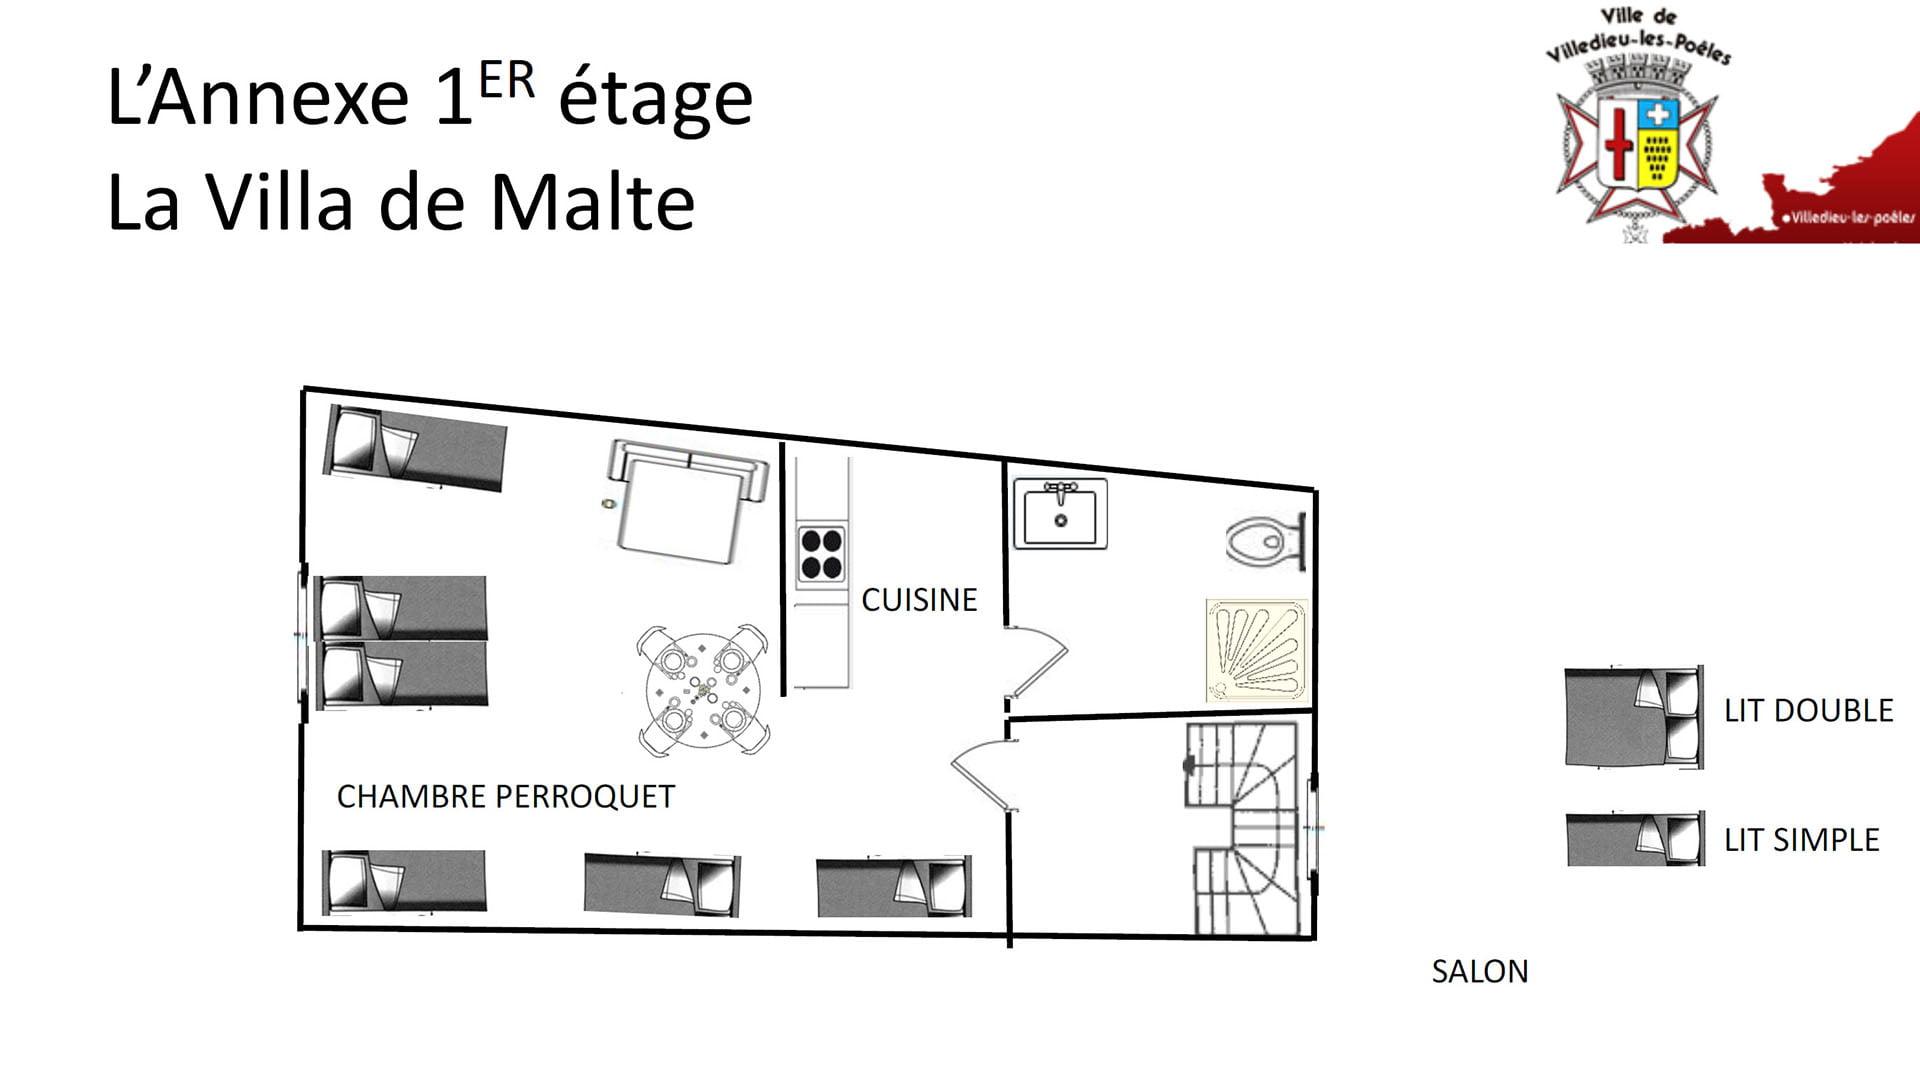 La Villa De Malte 1er Annexe - L'ANNEXE - Location de Gite La Clef Decamp - Laclefdecamp.fr